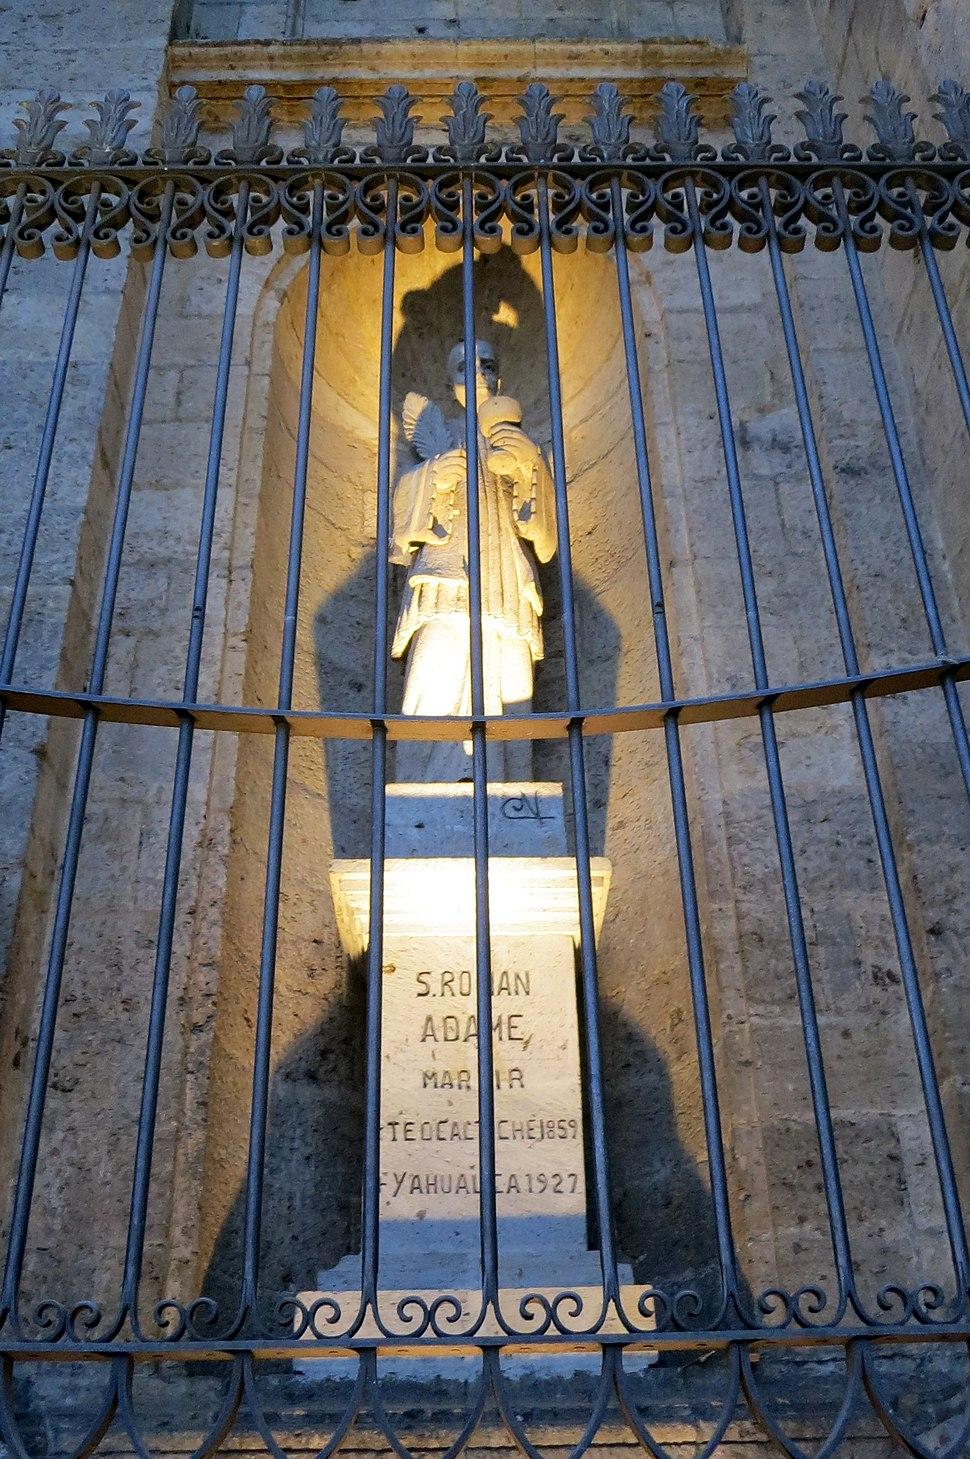 Catedral de la Asunción de María Santísima (Guadalajara, Jalisco) - St. Román Adame Rosales statue